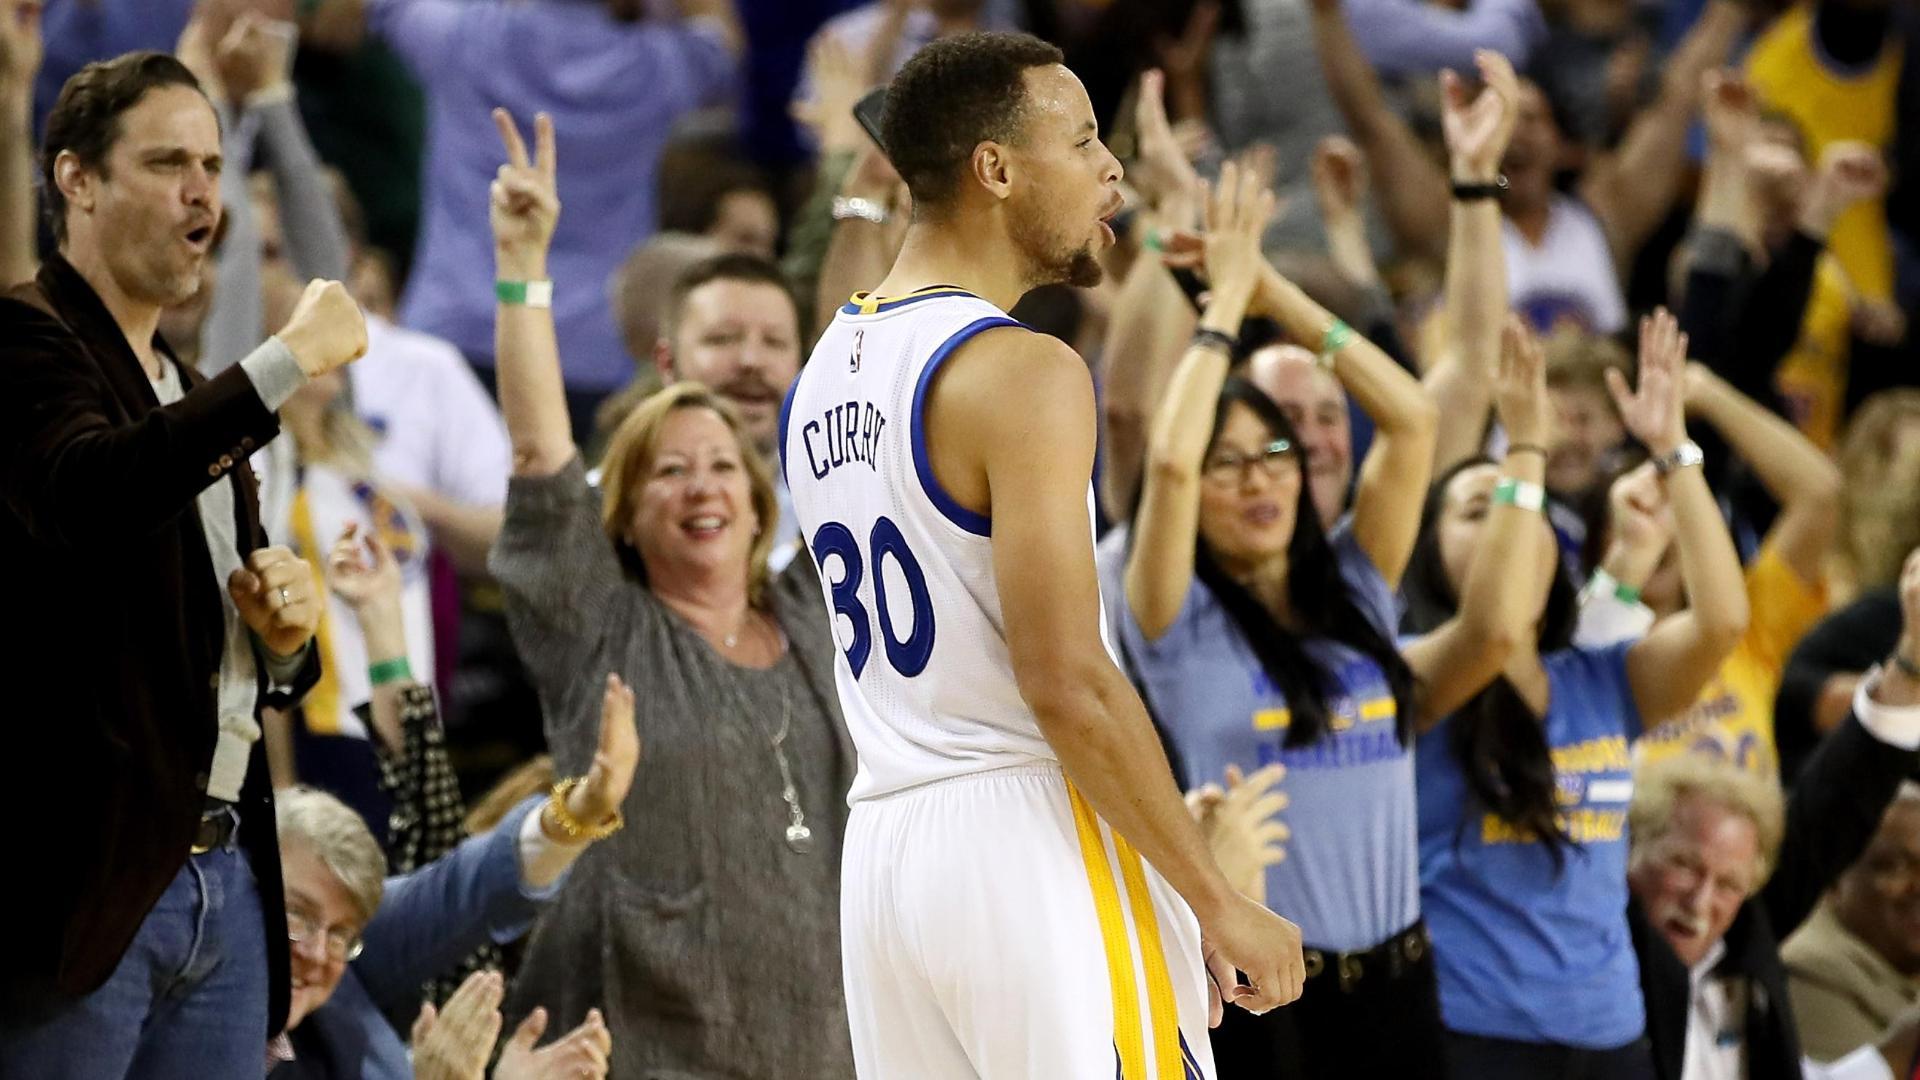 http://a.espncdn.com/media/motion/2016/1108/dm_161108_COM_NBA_Highlight_Steph_Curry_13_3point446/dm_161108_COM_NBA_Highlight_Steph_Curry_13_3point446.jpg